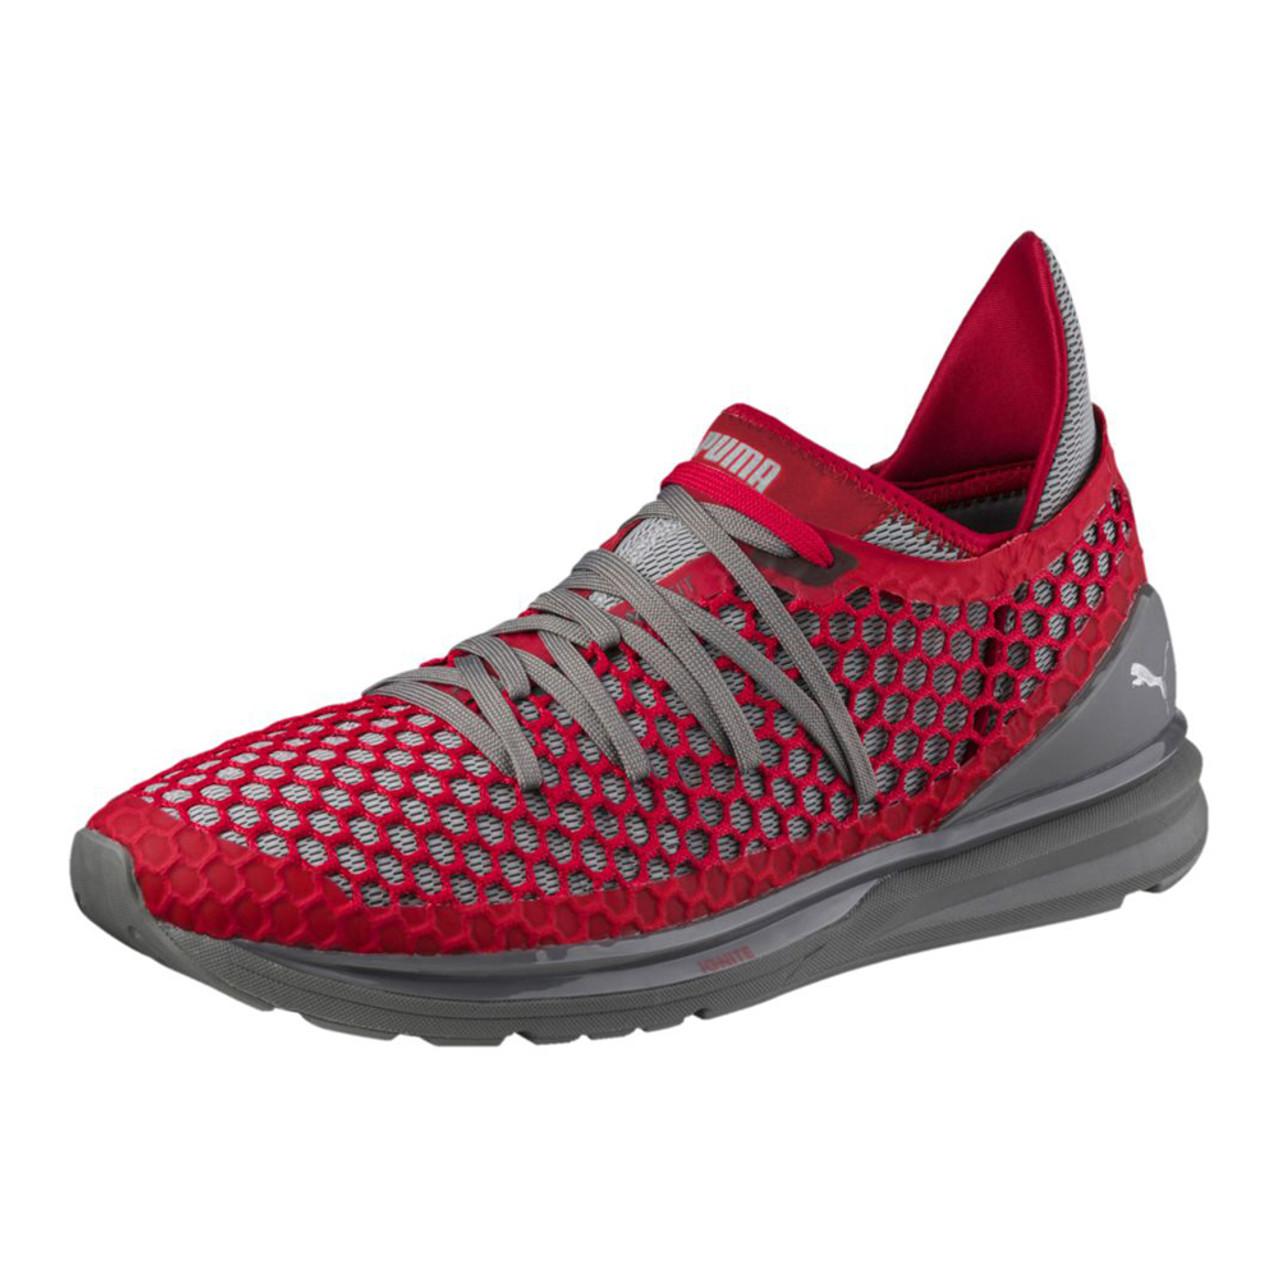 4d197eeb359a Puma Men s Ignite Limitless Netfit Sneaker Shade Toreador - Shop now    Shoolu.com